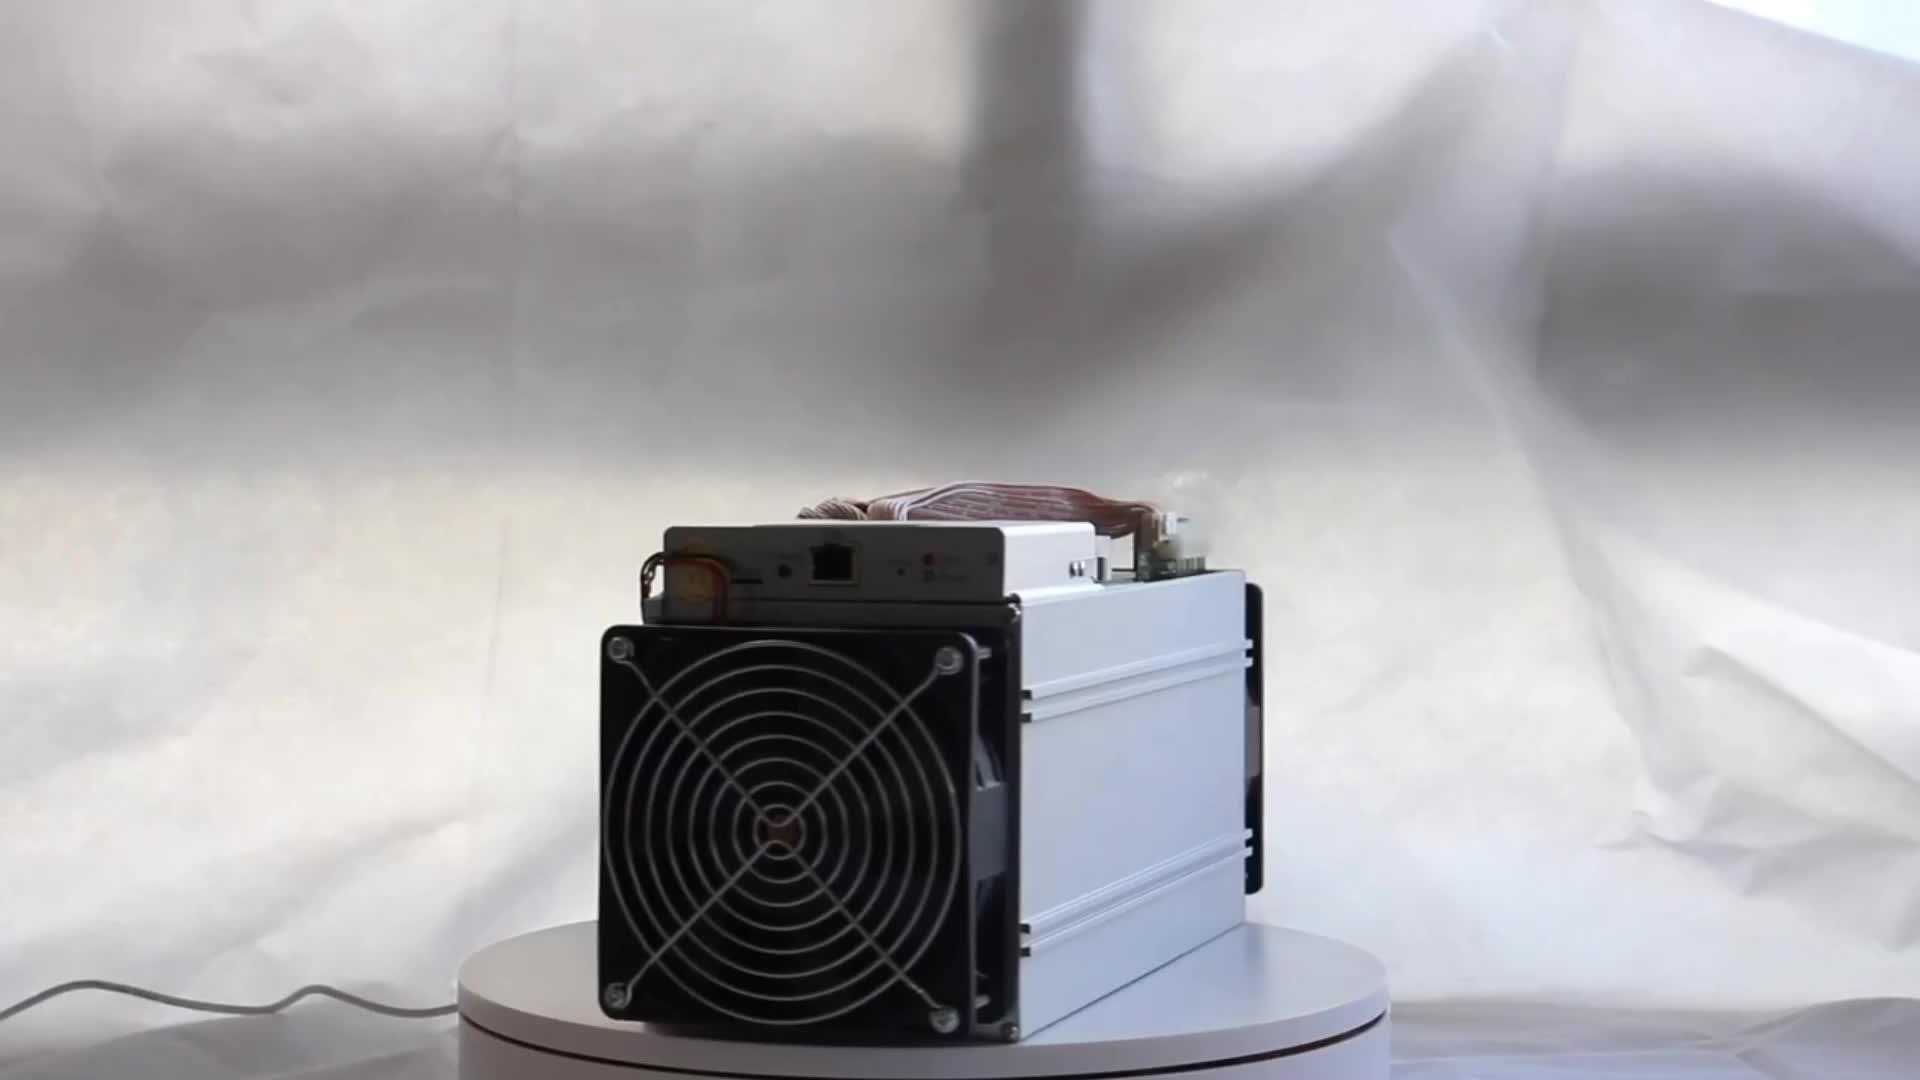 חדש או בשימוש bitcoin כורה asic bitmain כורה antminer S9 14Th עם כוח אספקת antminer S9i S9j 14.5Th